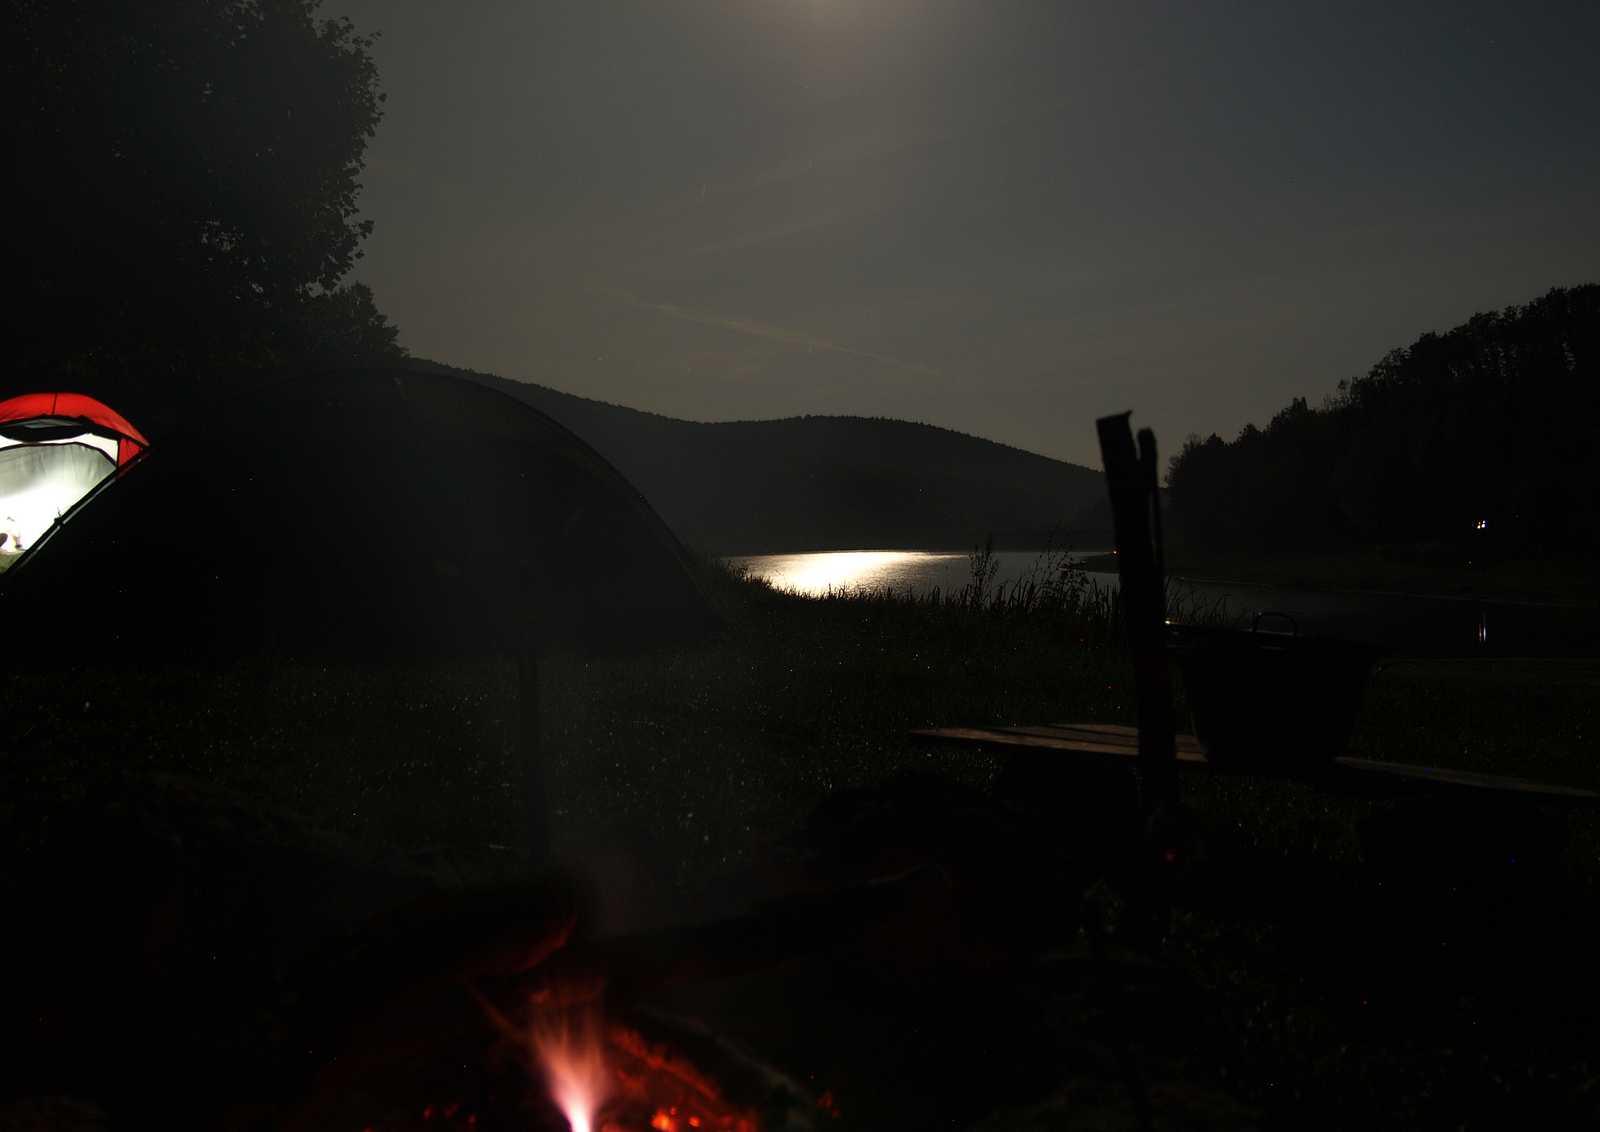 Priehrada Výtok, večer pri ohni (viac fotiek v galérii)